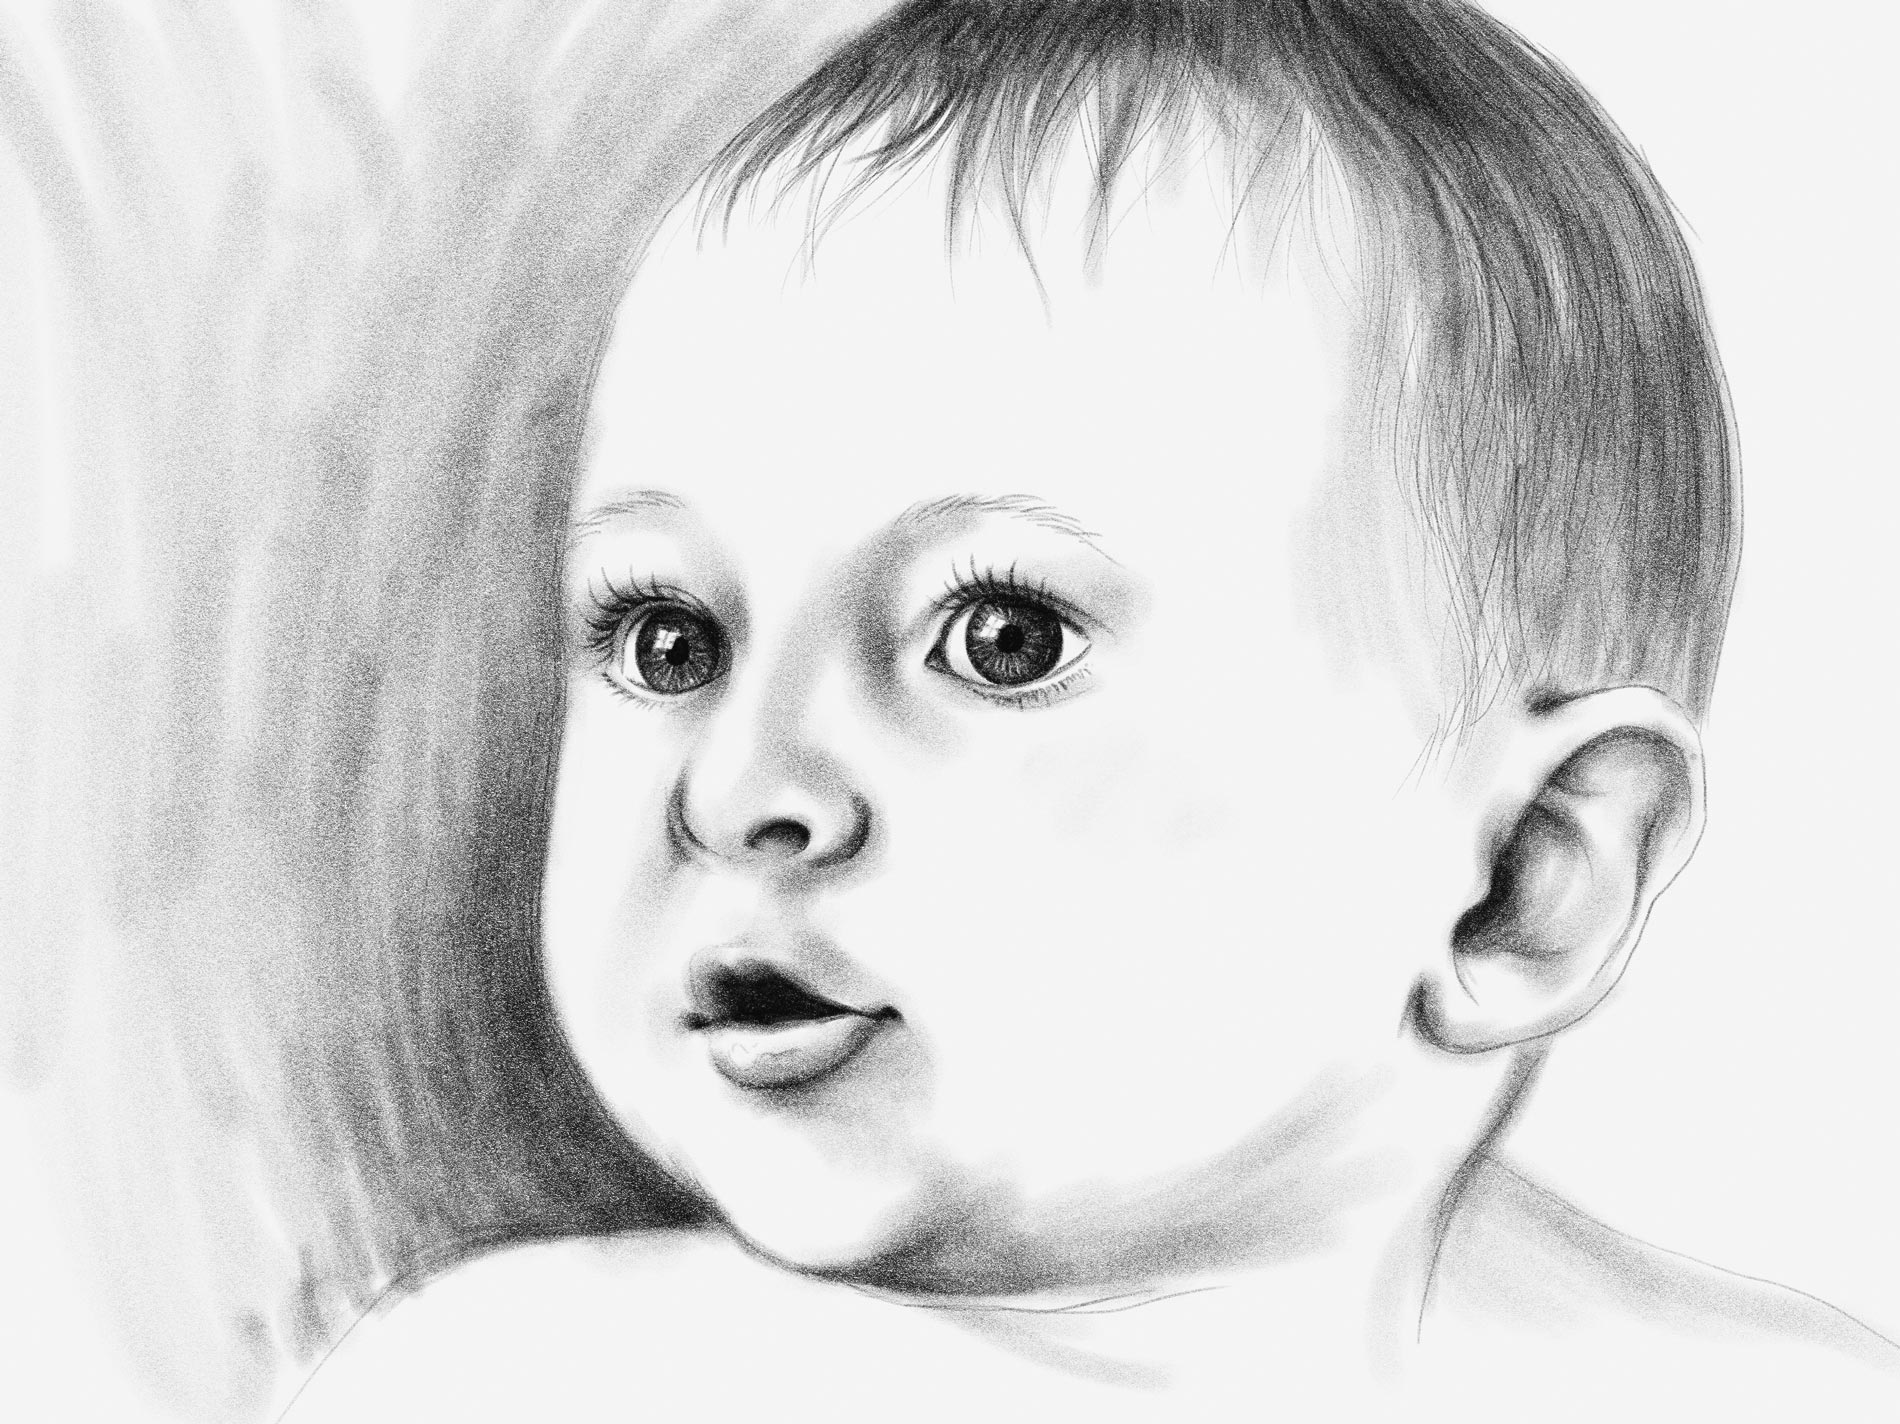 Ritratto-Noah-ipad-pro-adobe-sketch